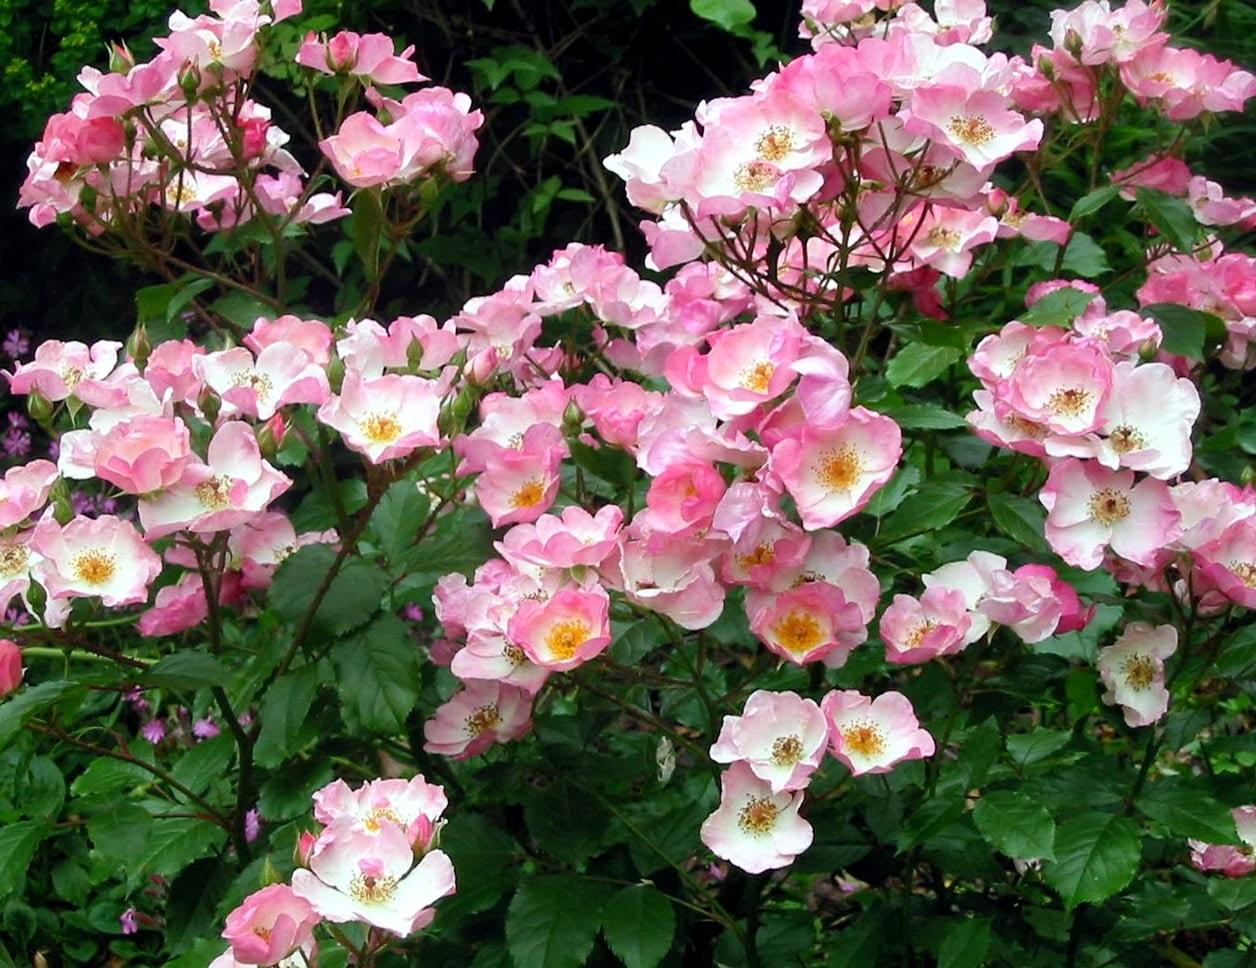 roser skyggetålende